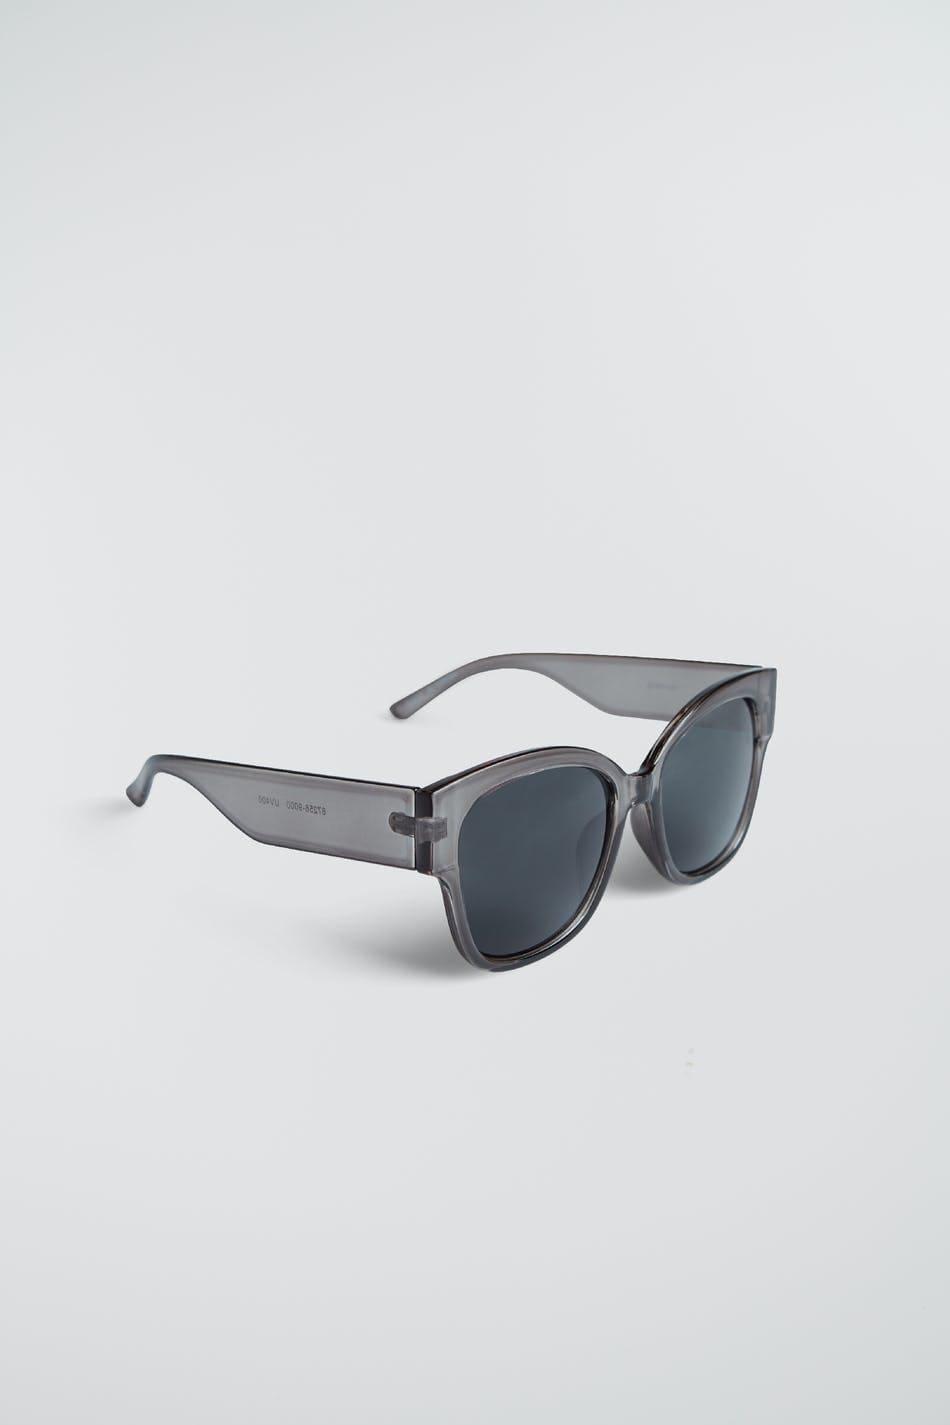 Stora solglasögon med en genomskinlig plastbåge. Solglasögonen är svarta.